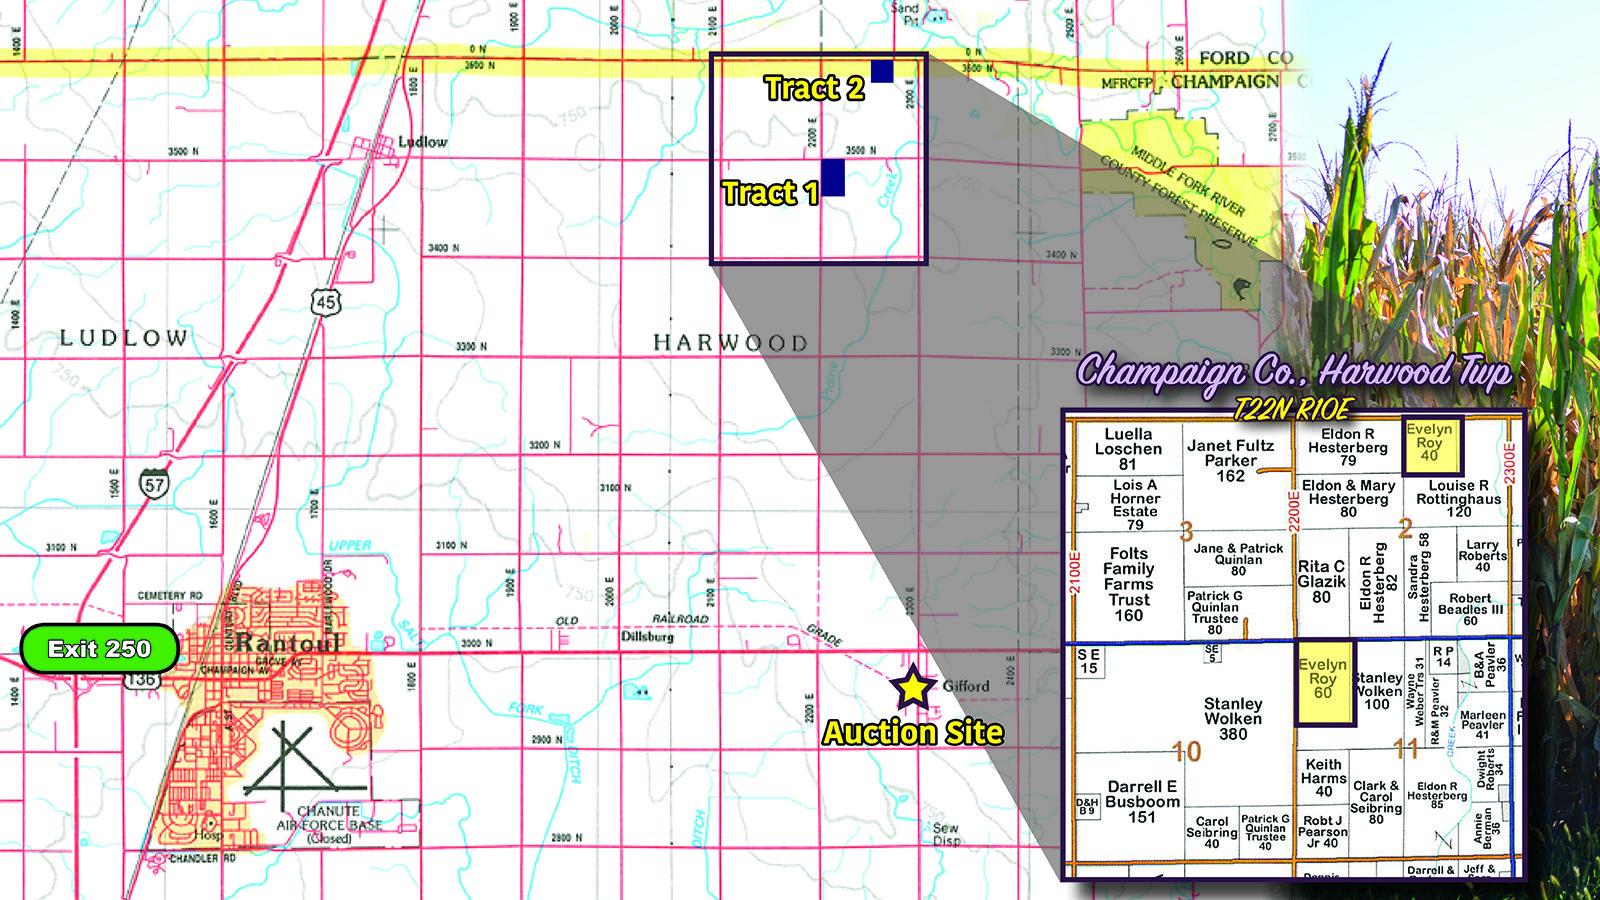 Location - MWA Auctions & Real Estate | Champaign Co Farmland Auction 100 Ac - Dec 3 2019